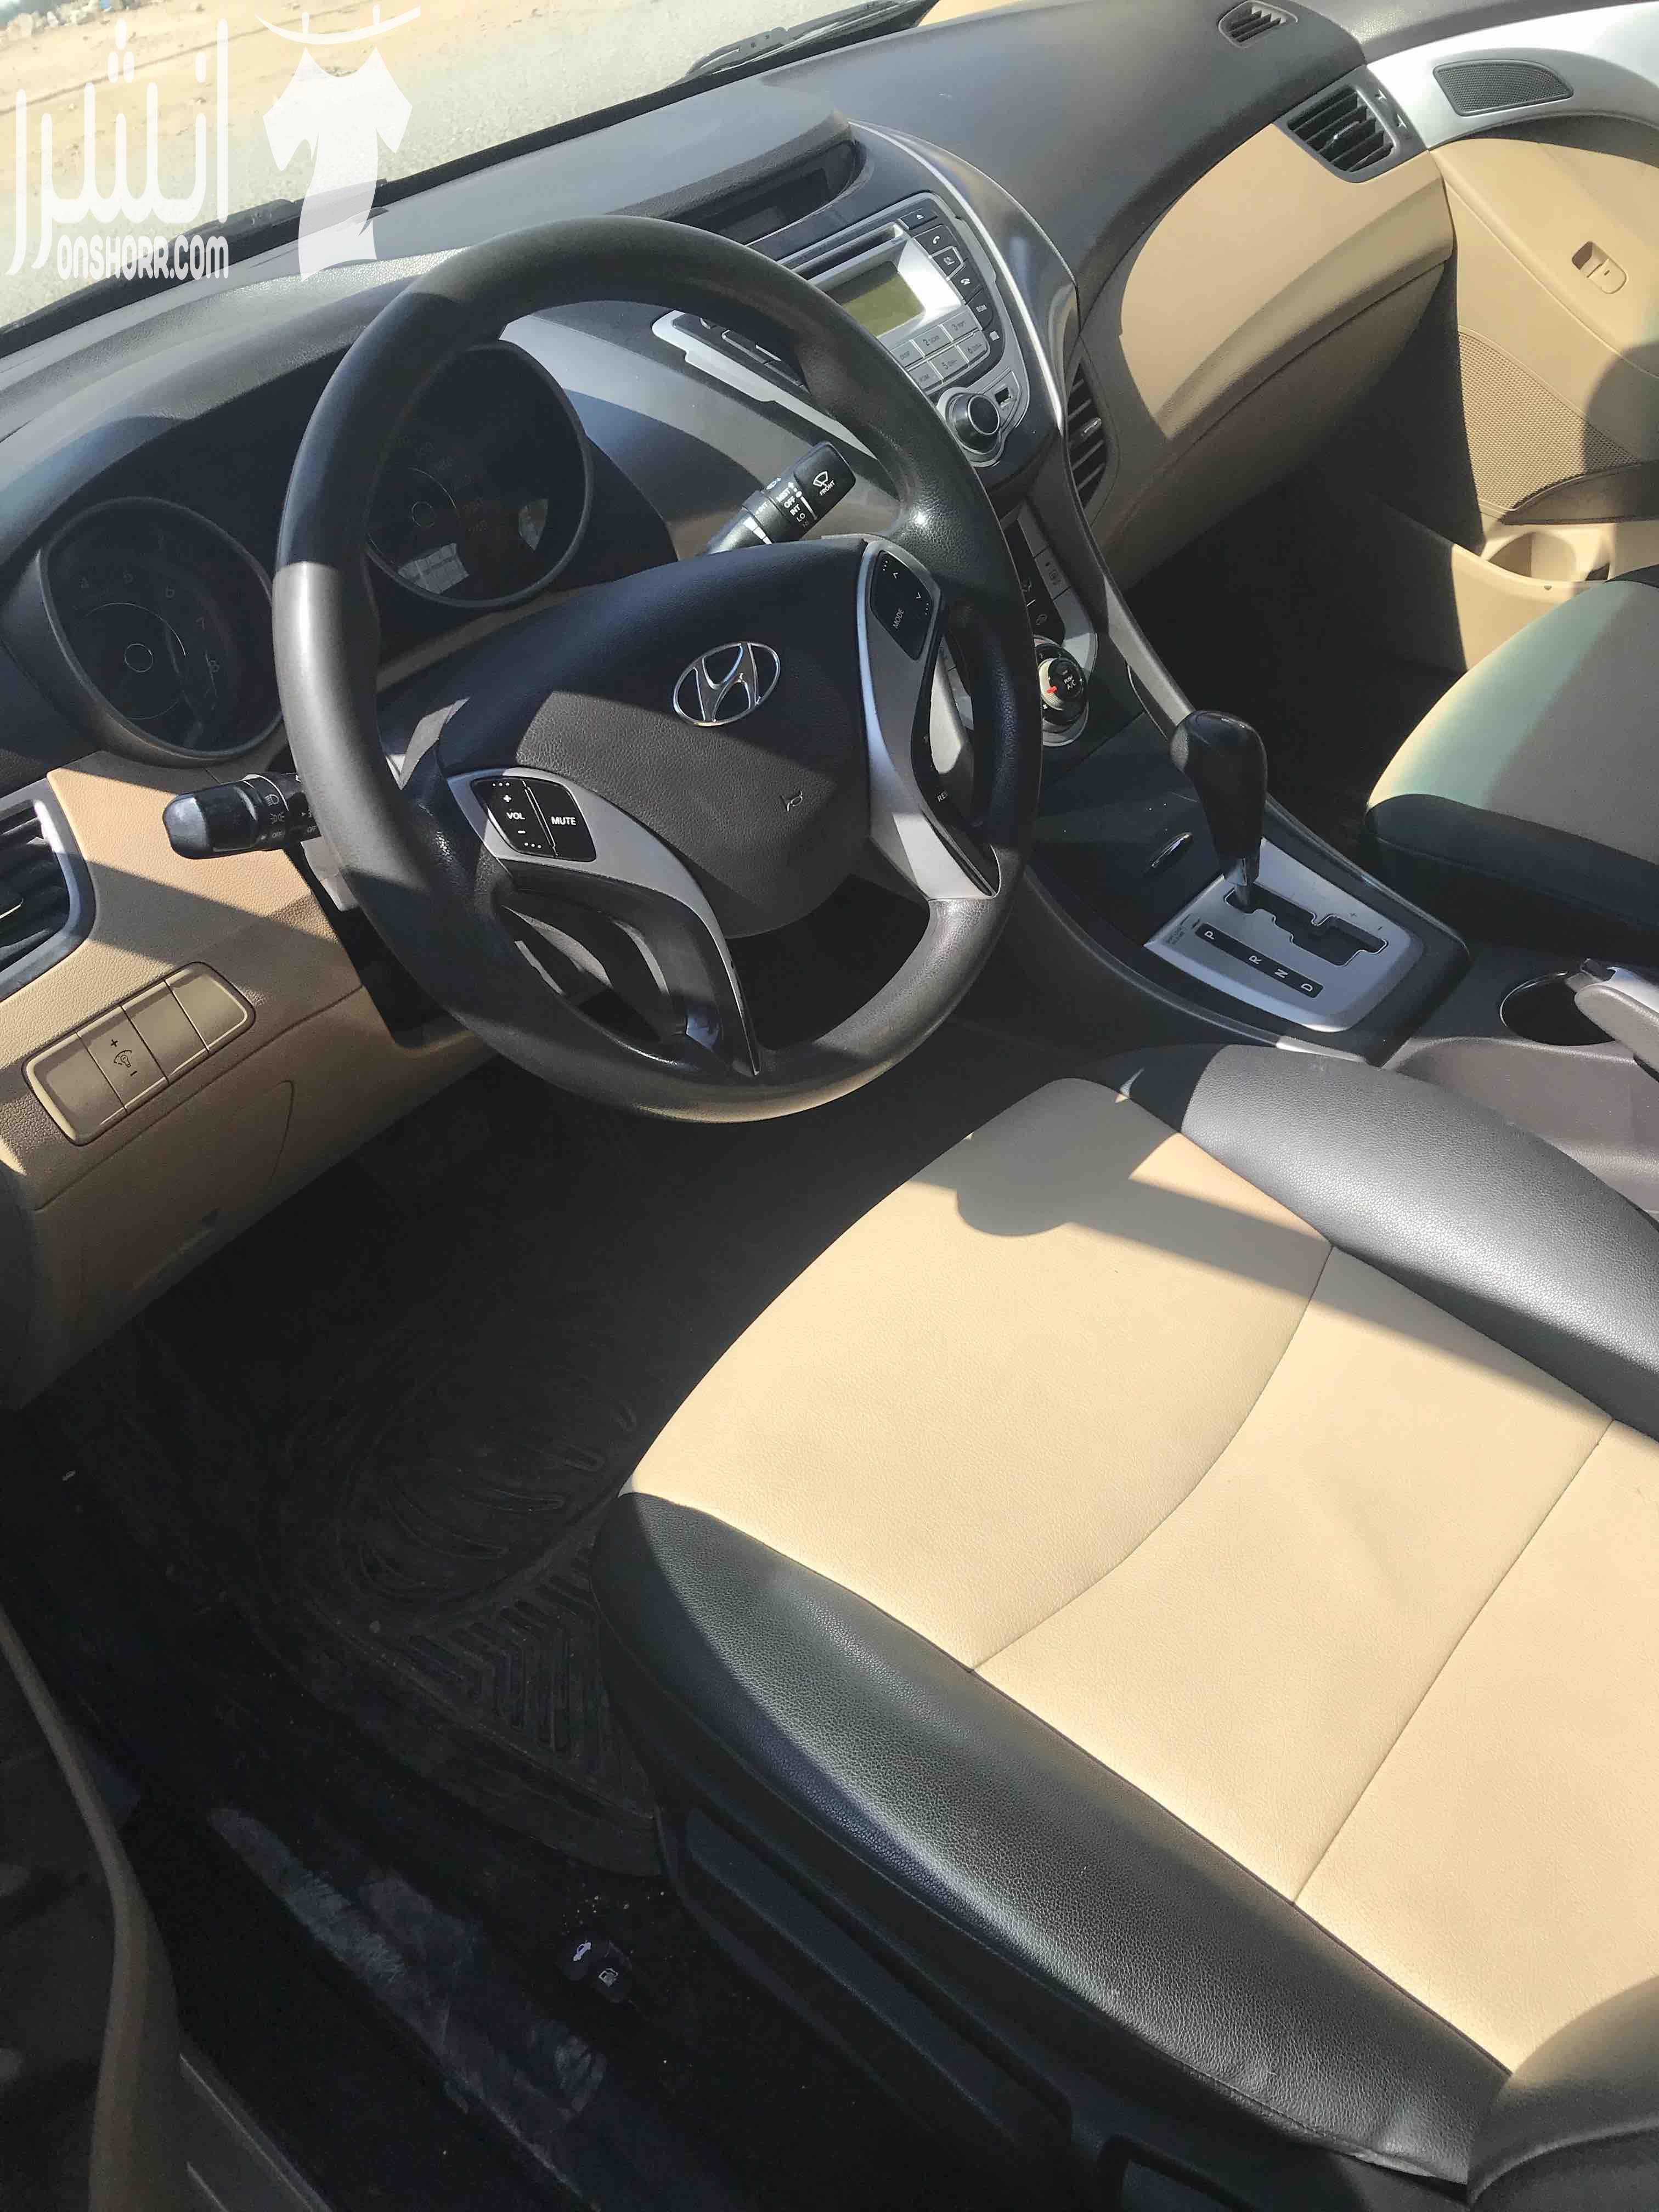 شيفروليss ٢٠١٠ بحالة ممتازة <br> <br> <br> كمارو-  سيارتين هيونداي النترا...